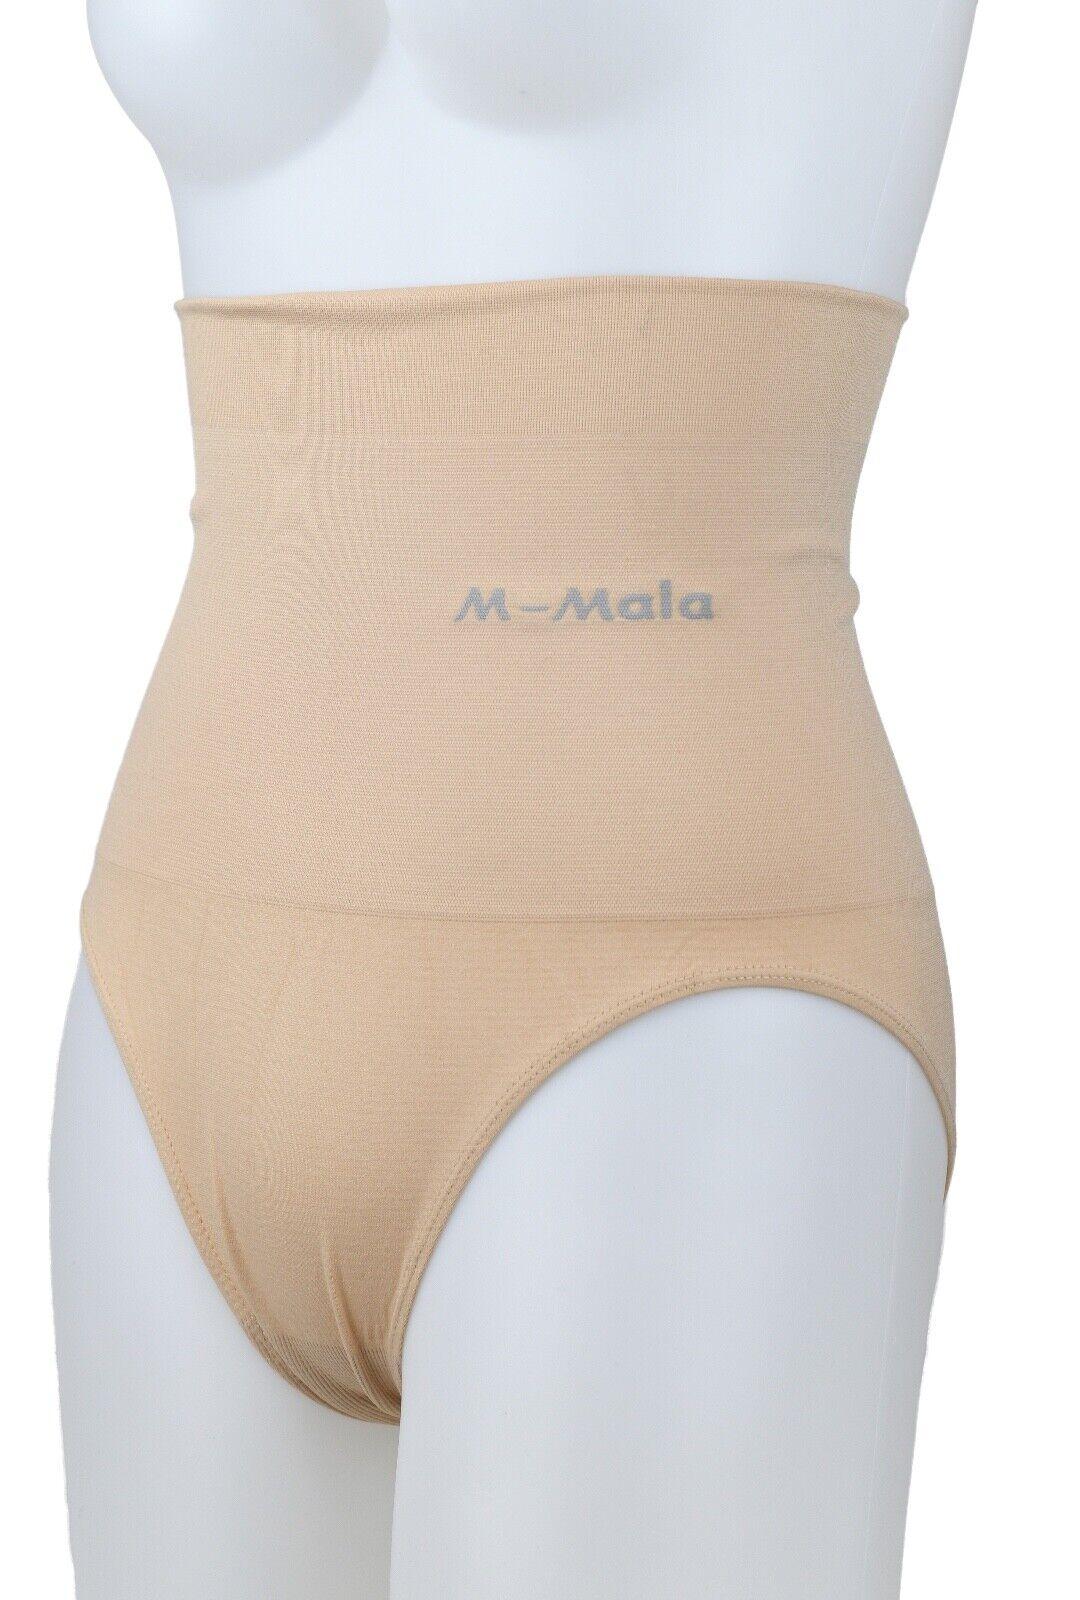 Miederslips Damen-Slips Mieder Unterwäsche Unterhose Bauchwegslips hochelastisch